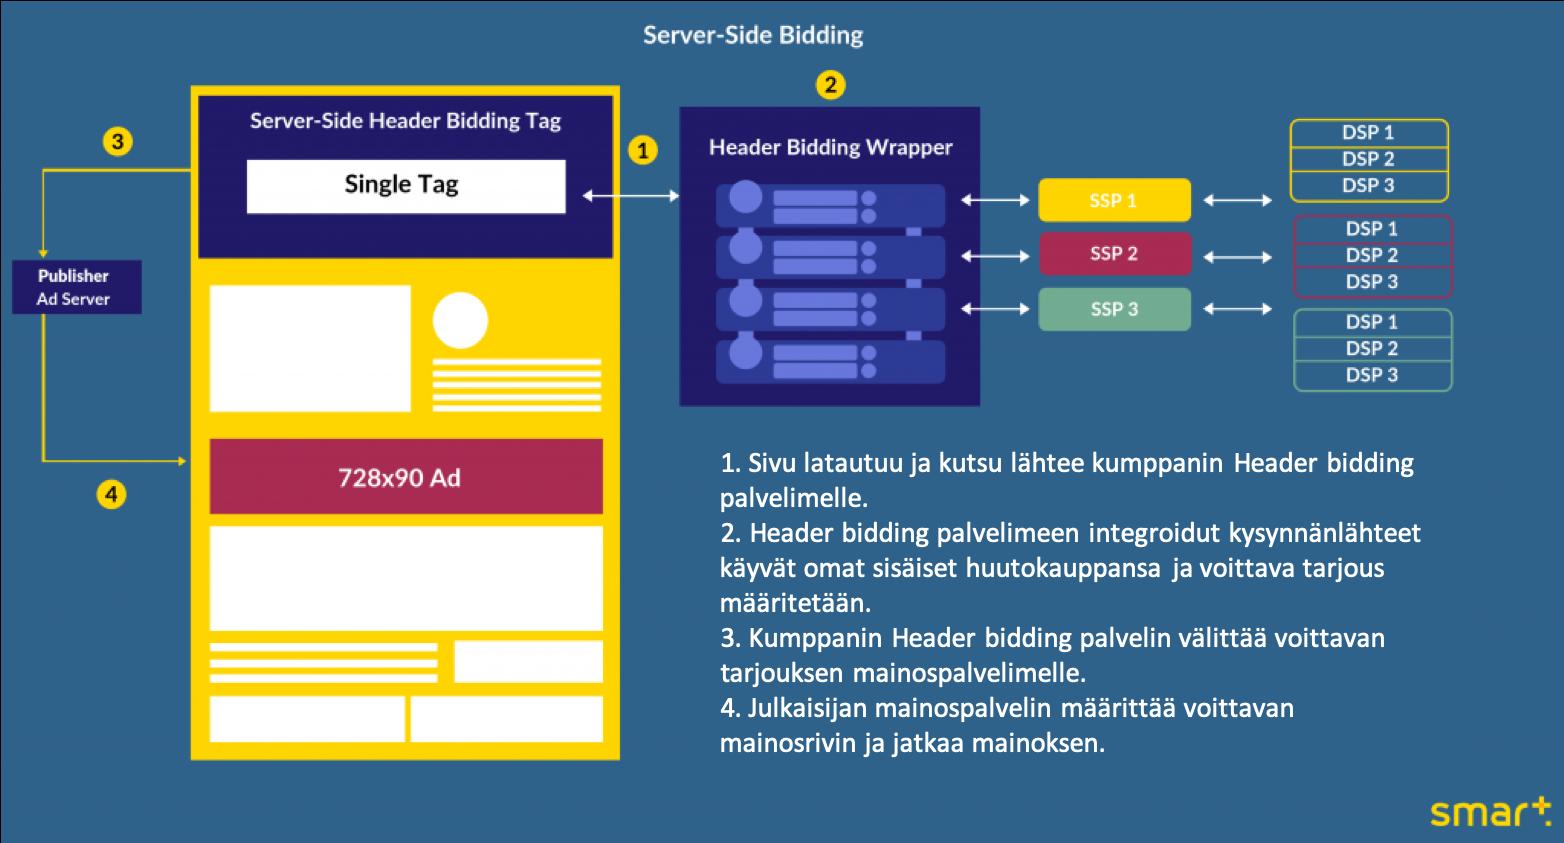 Server-side Header bidding